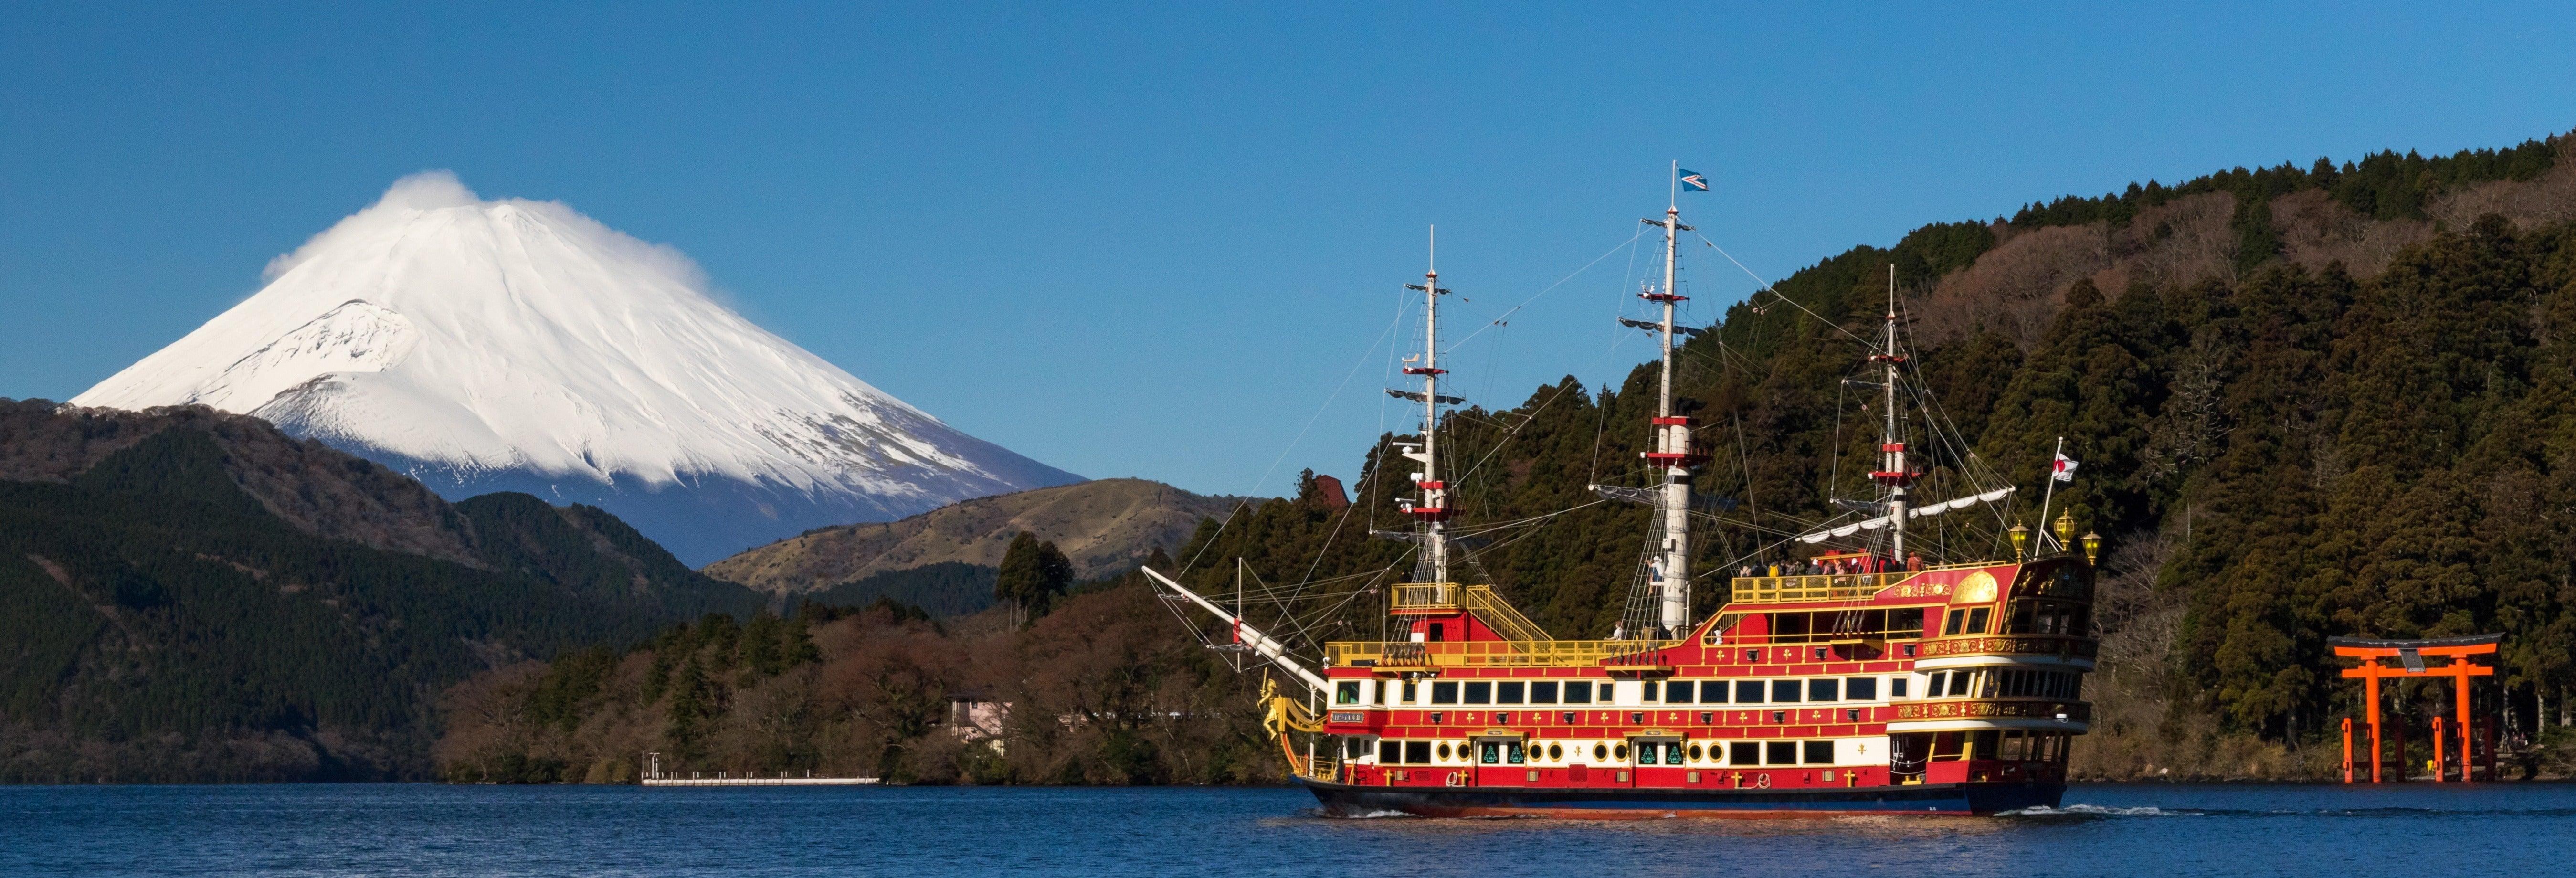 Excursion au Lac Ashi + Ōwakudani + Gotemba Premium Outlets